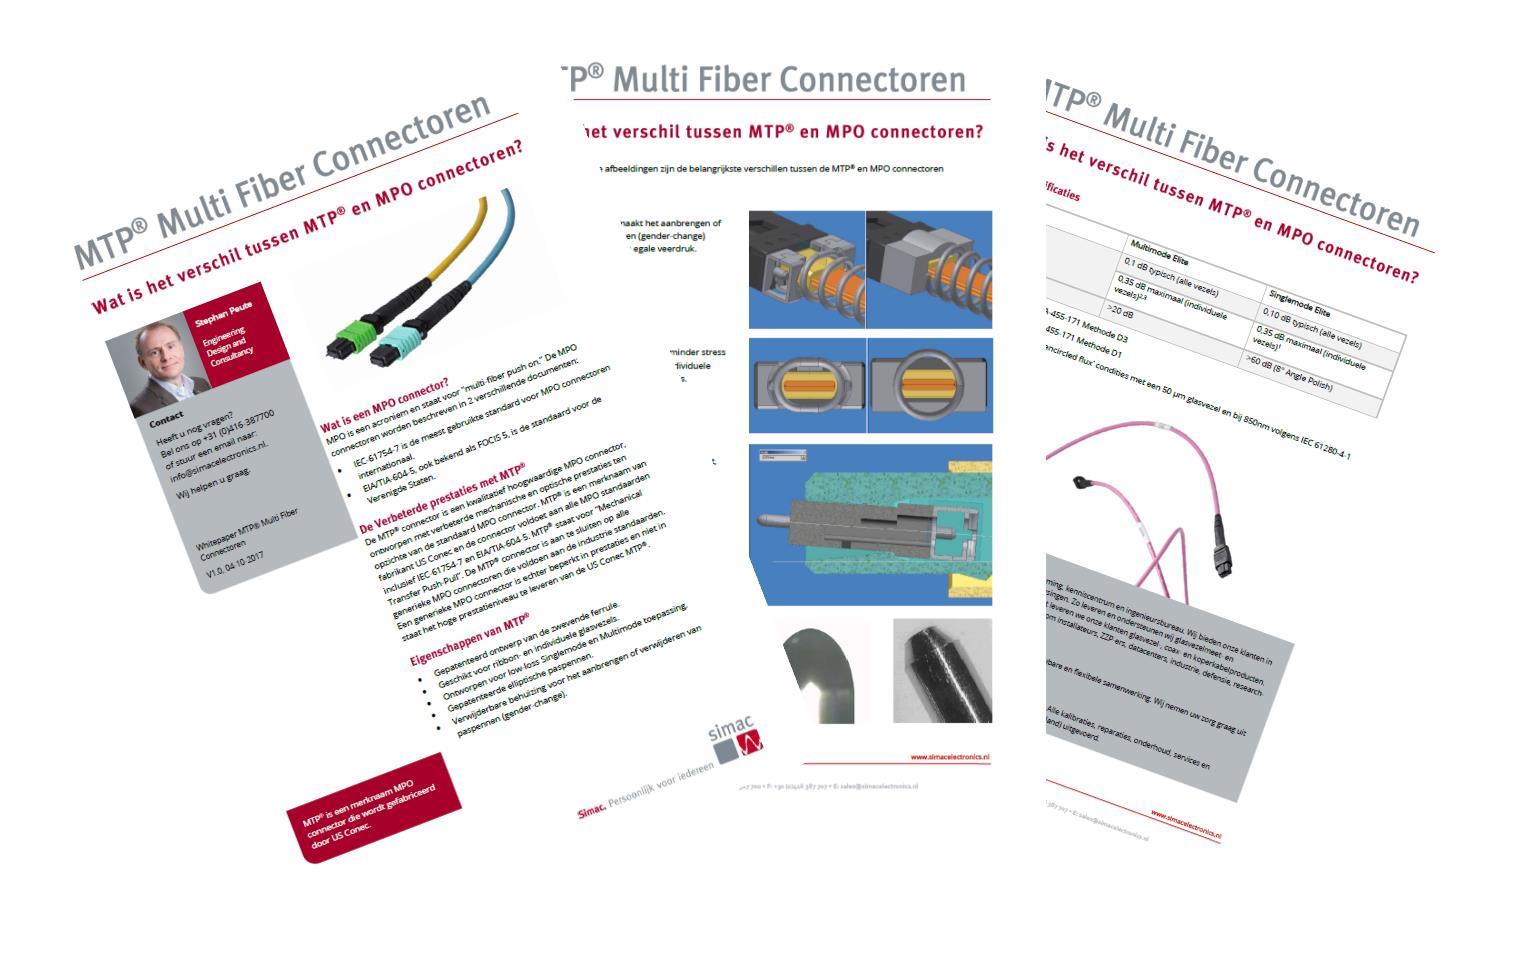 Kennisdocument 'Wat is het verschil tussen MTP® en MPO connectoren?'